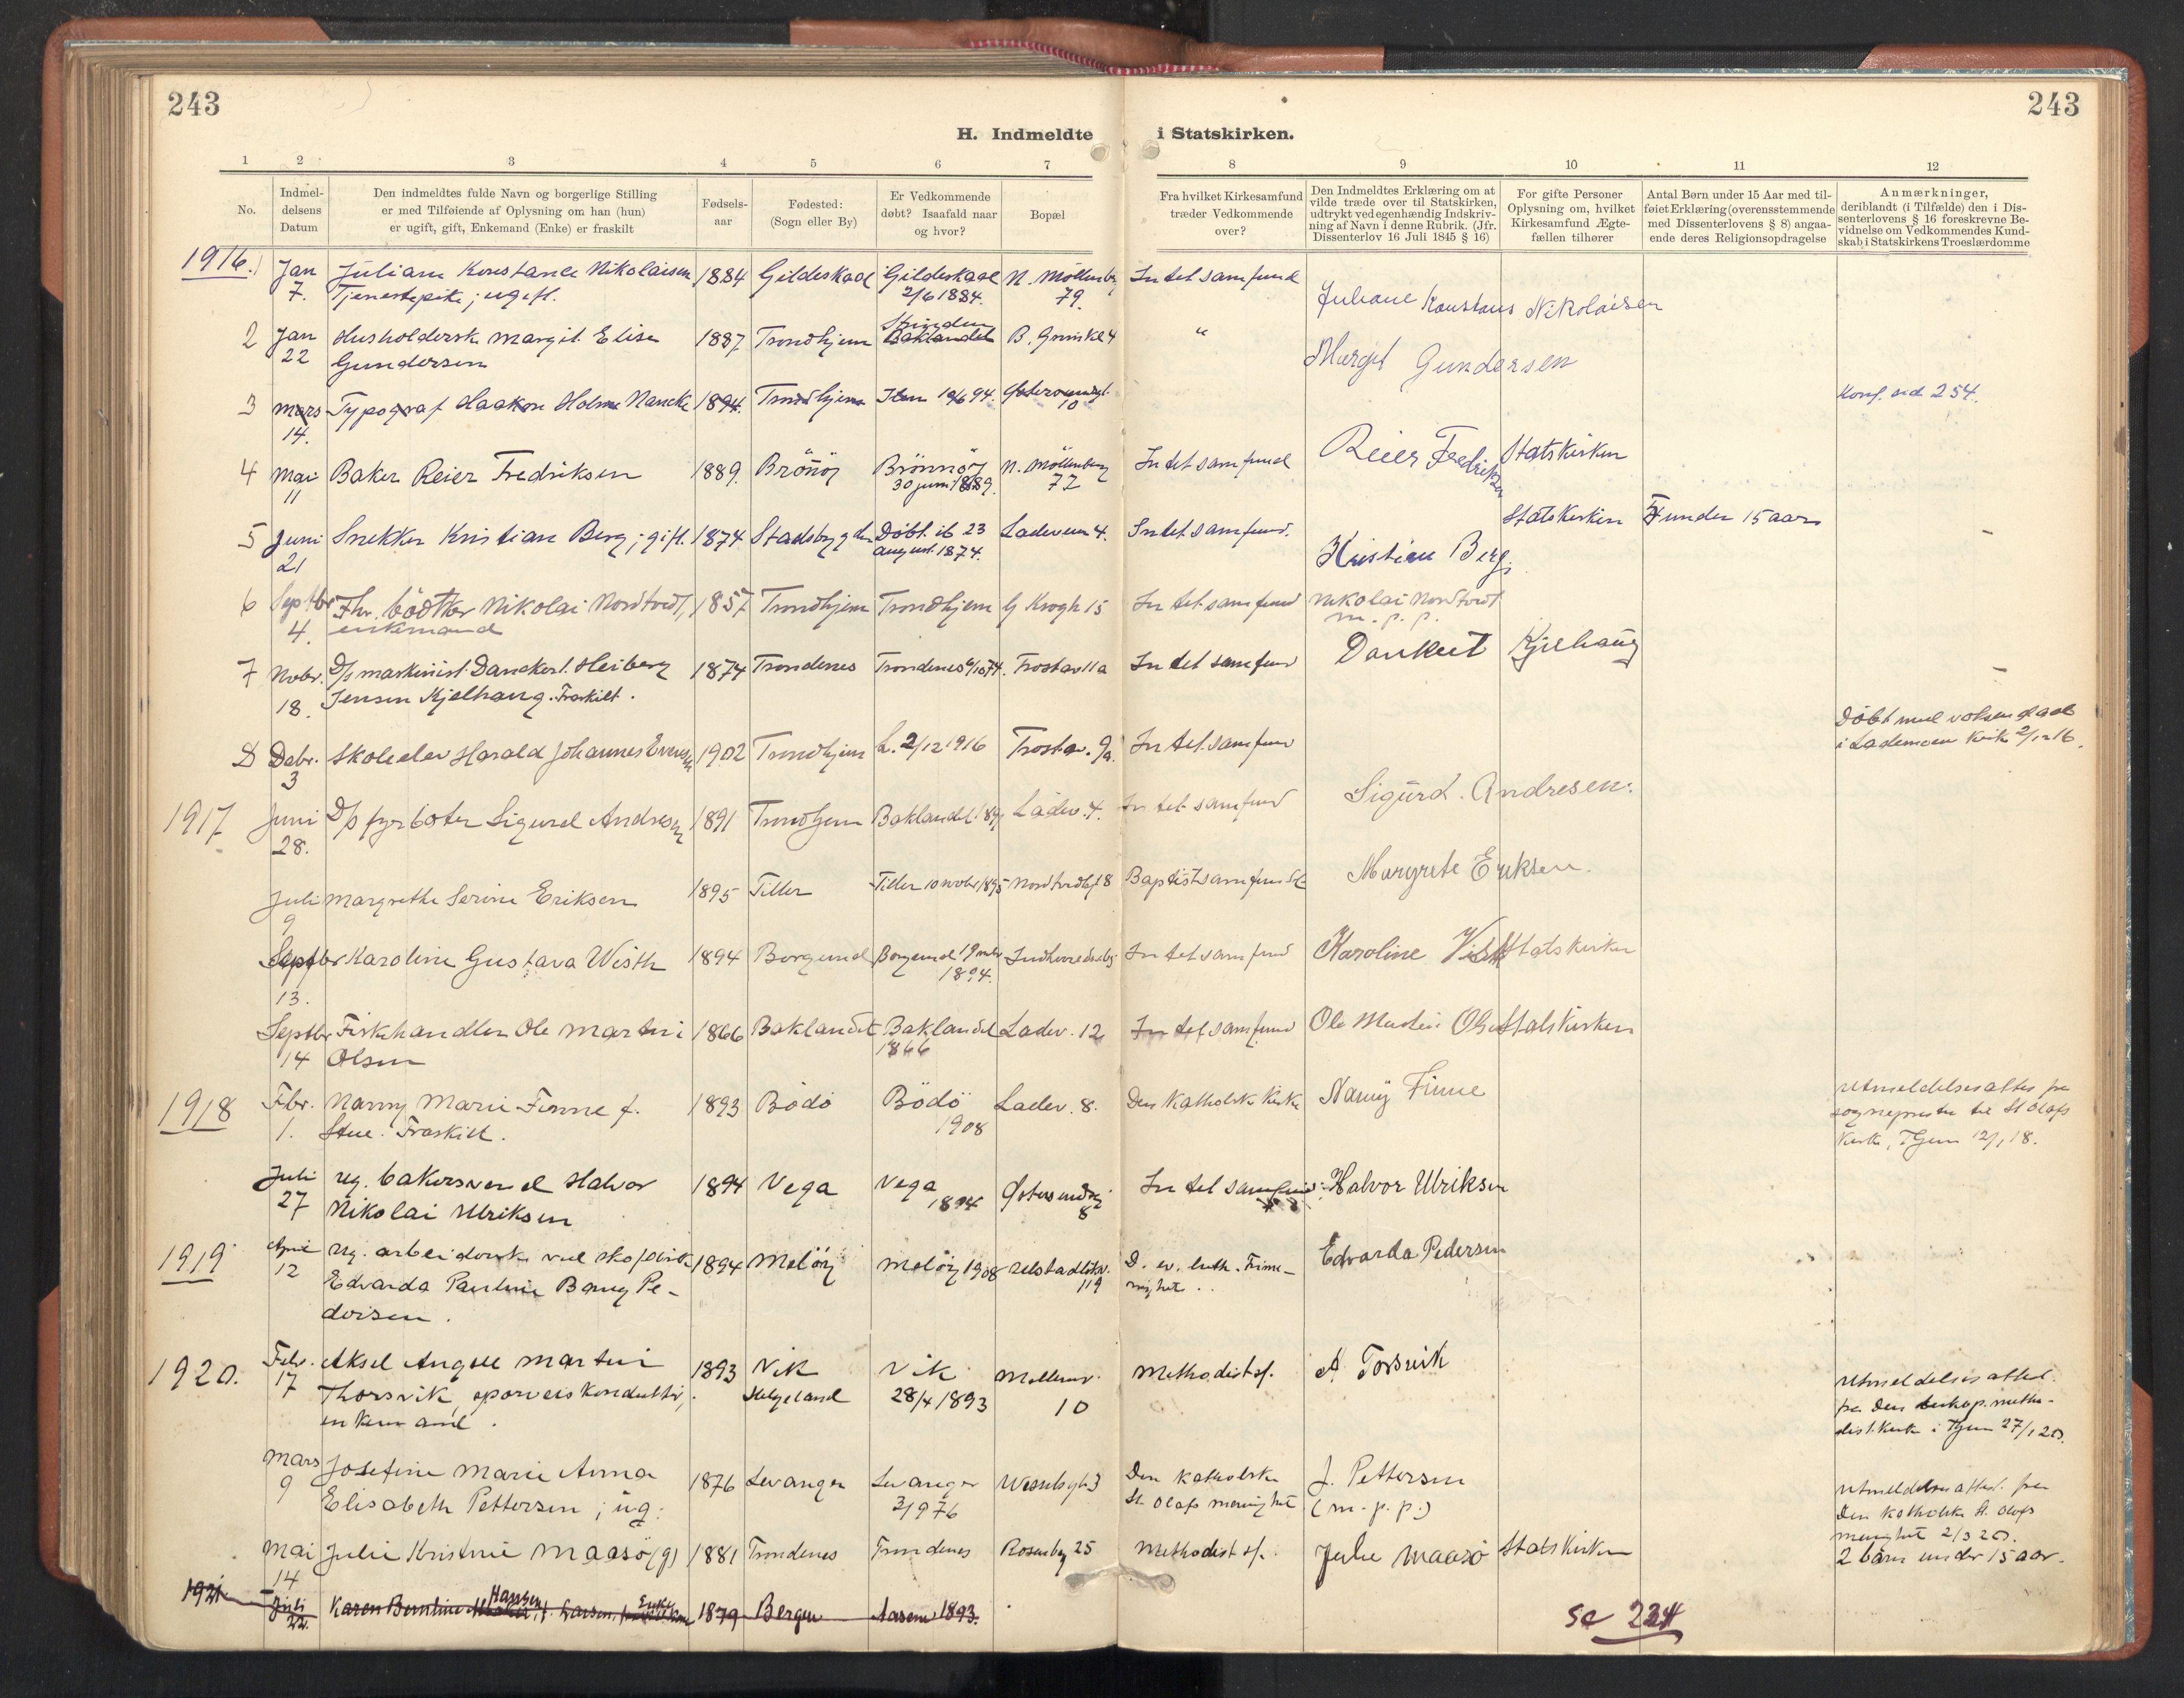 SAT, Ministerialprotokoller, klokkerbøker og fødselsregistre - Sør-Trøndelag, 605/L0244: Ministerialbok nr. 605A06, 1908-1954, s. 243